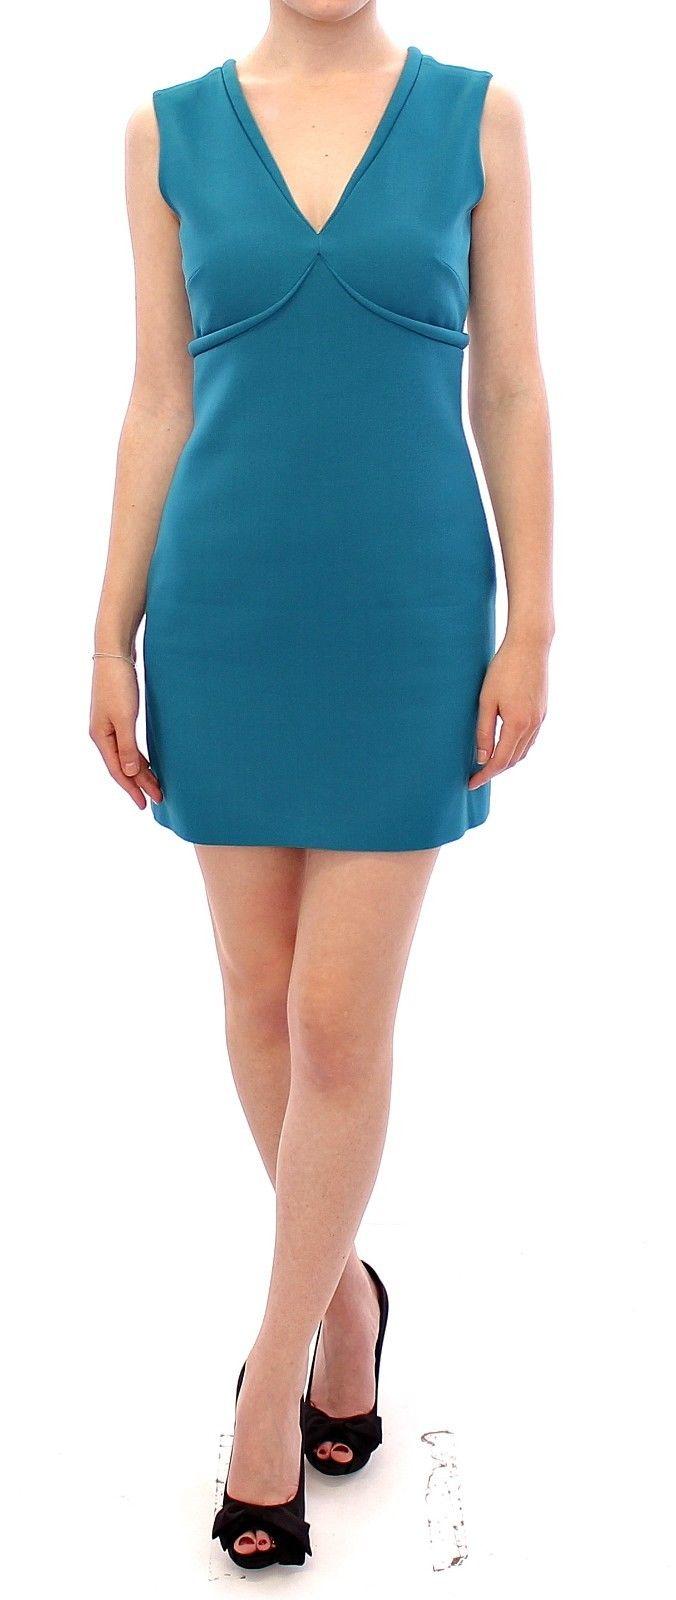 Versace Jeans Women's Mini Cocktail Dress Blue GSS10783 - IT40